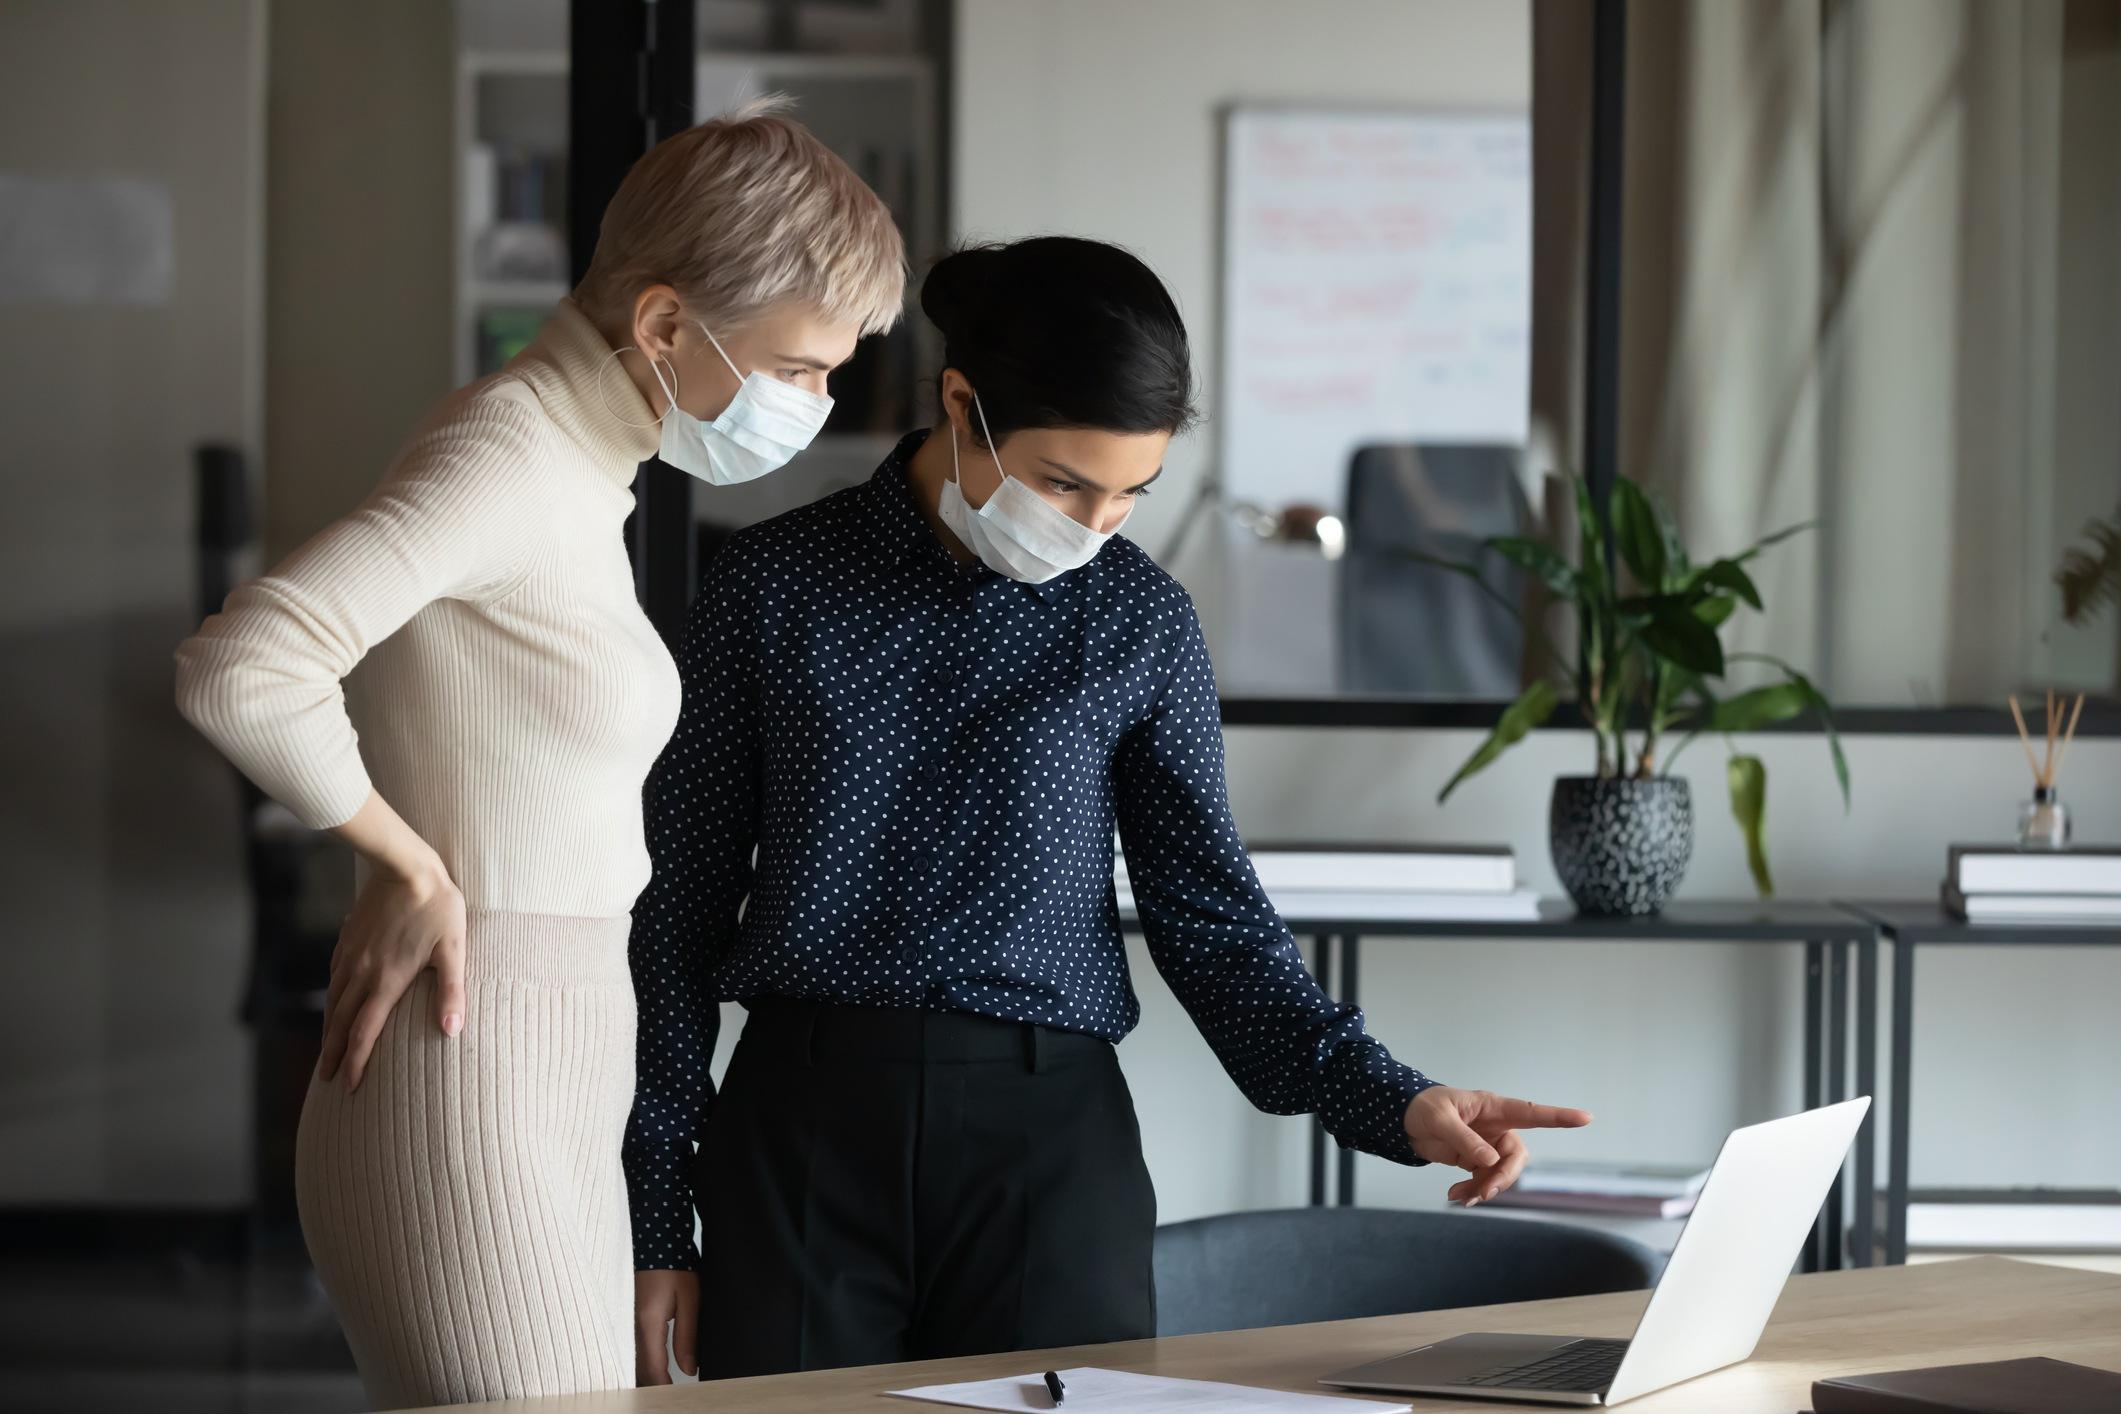 Microsoft Teams vs. Zoom Meetings in the Era of Coronavirus